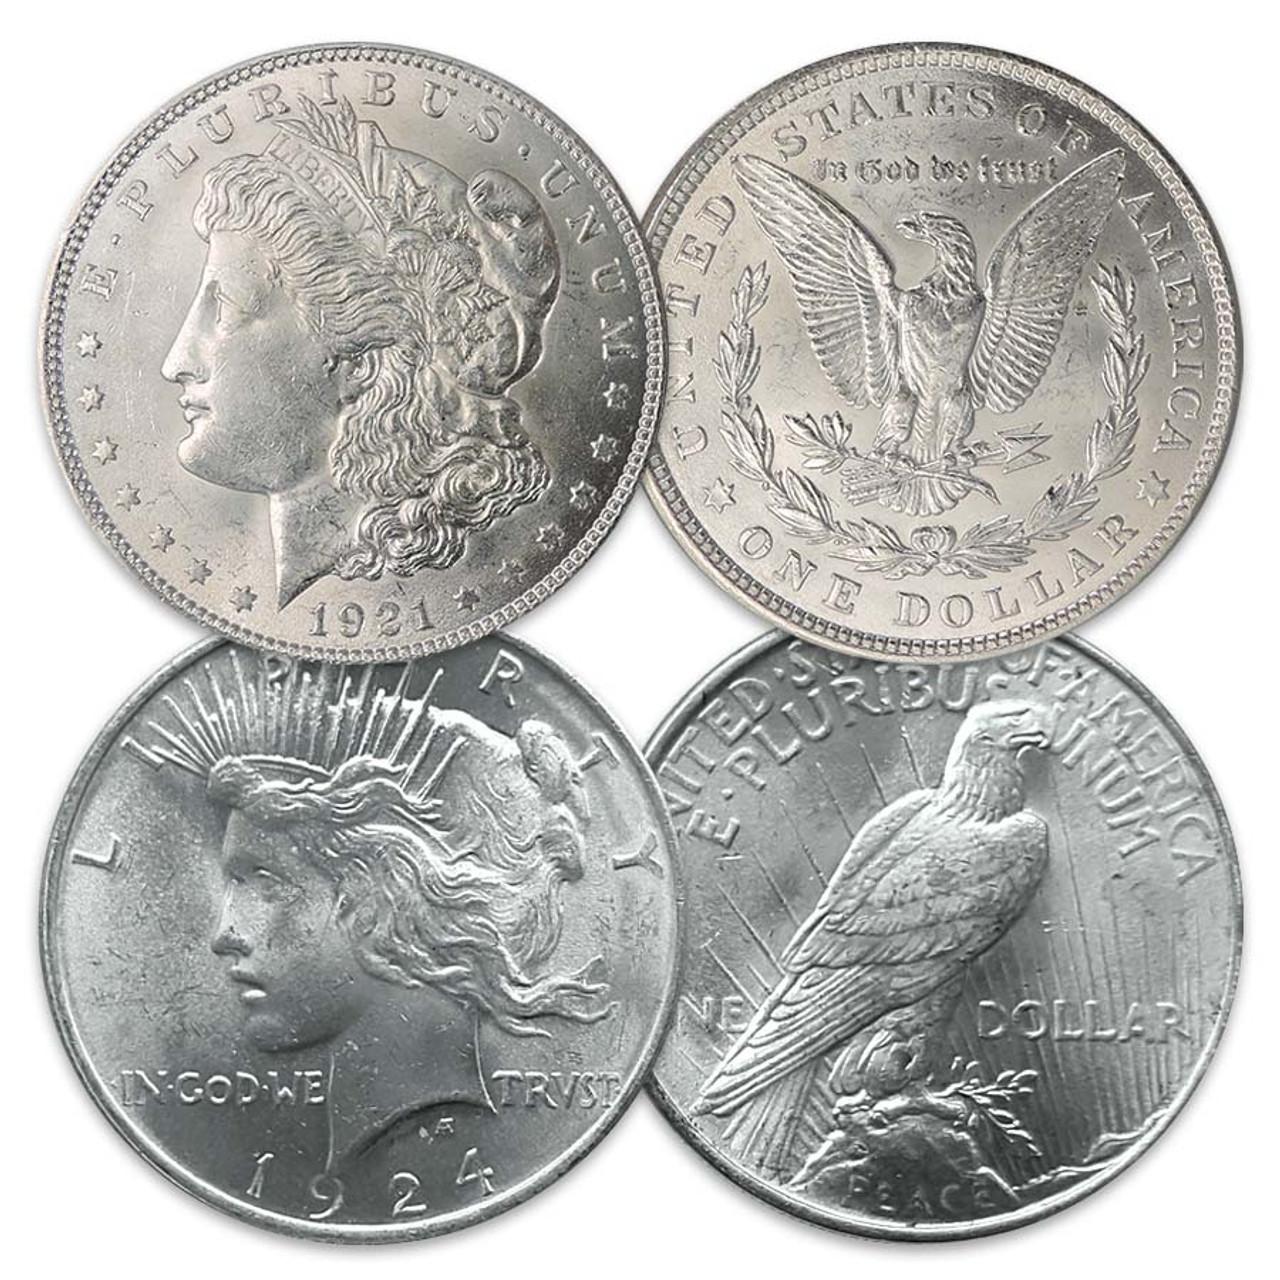 1921-P Morgan & 1924-P Peace Silver Dollar Pair Brilliant Uncirculated